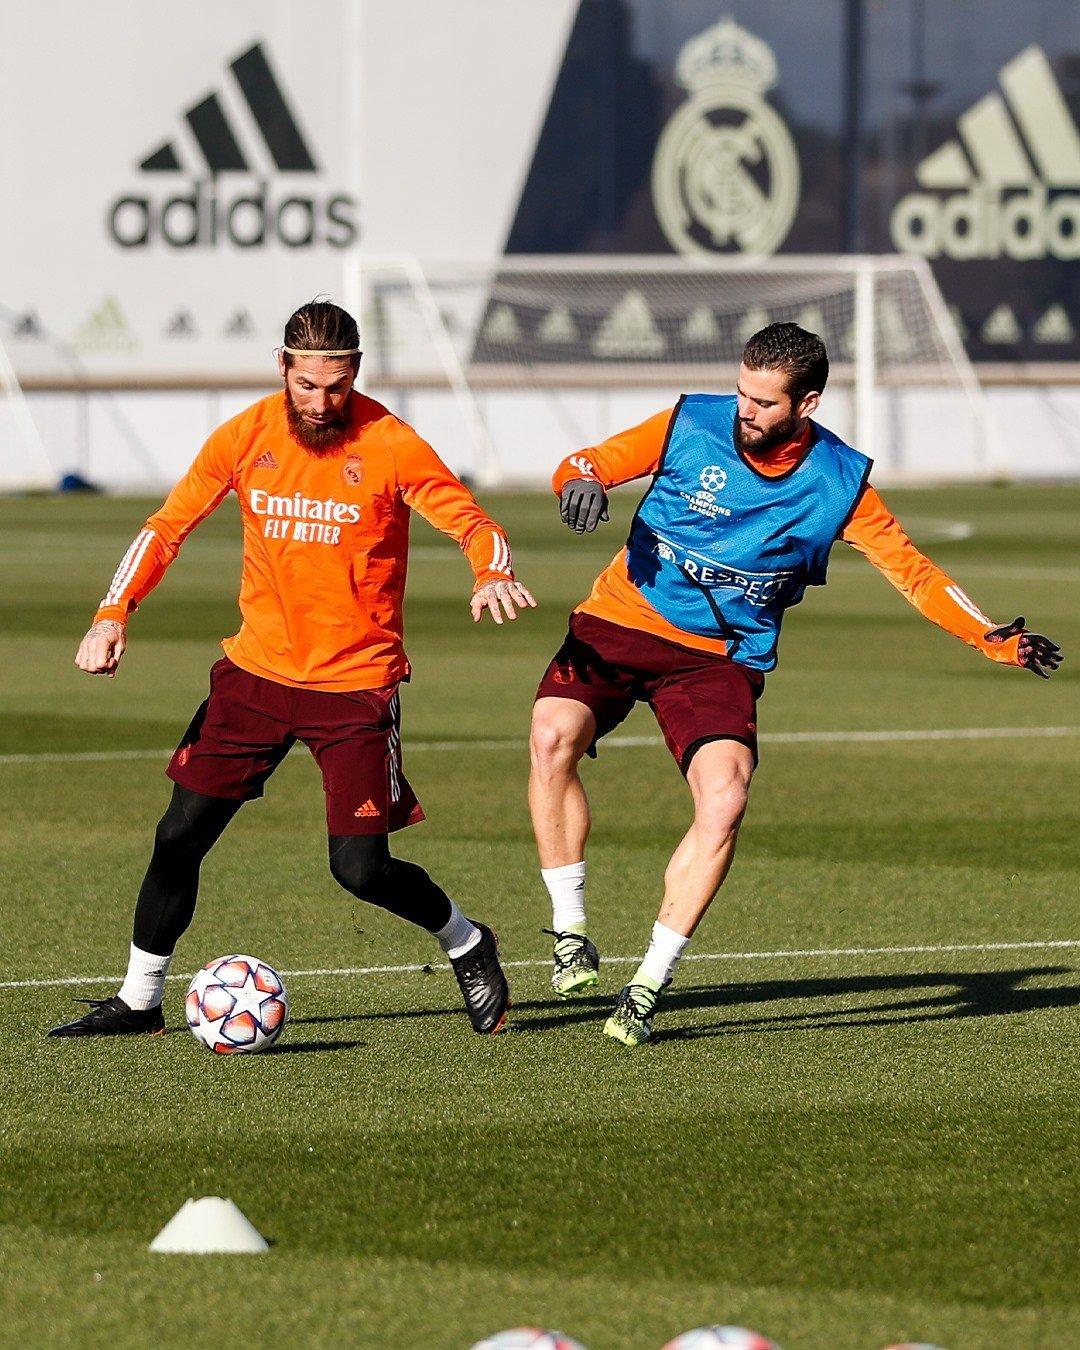 Ramos mang giày đá bóng adidas Copa 20.1 Precision To Blur